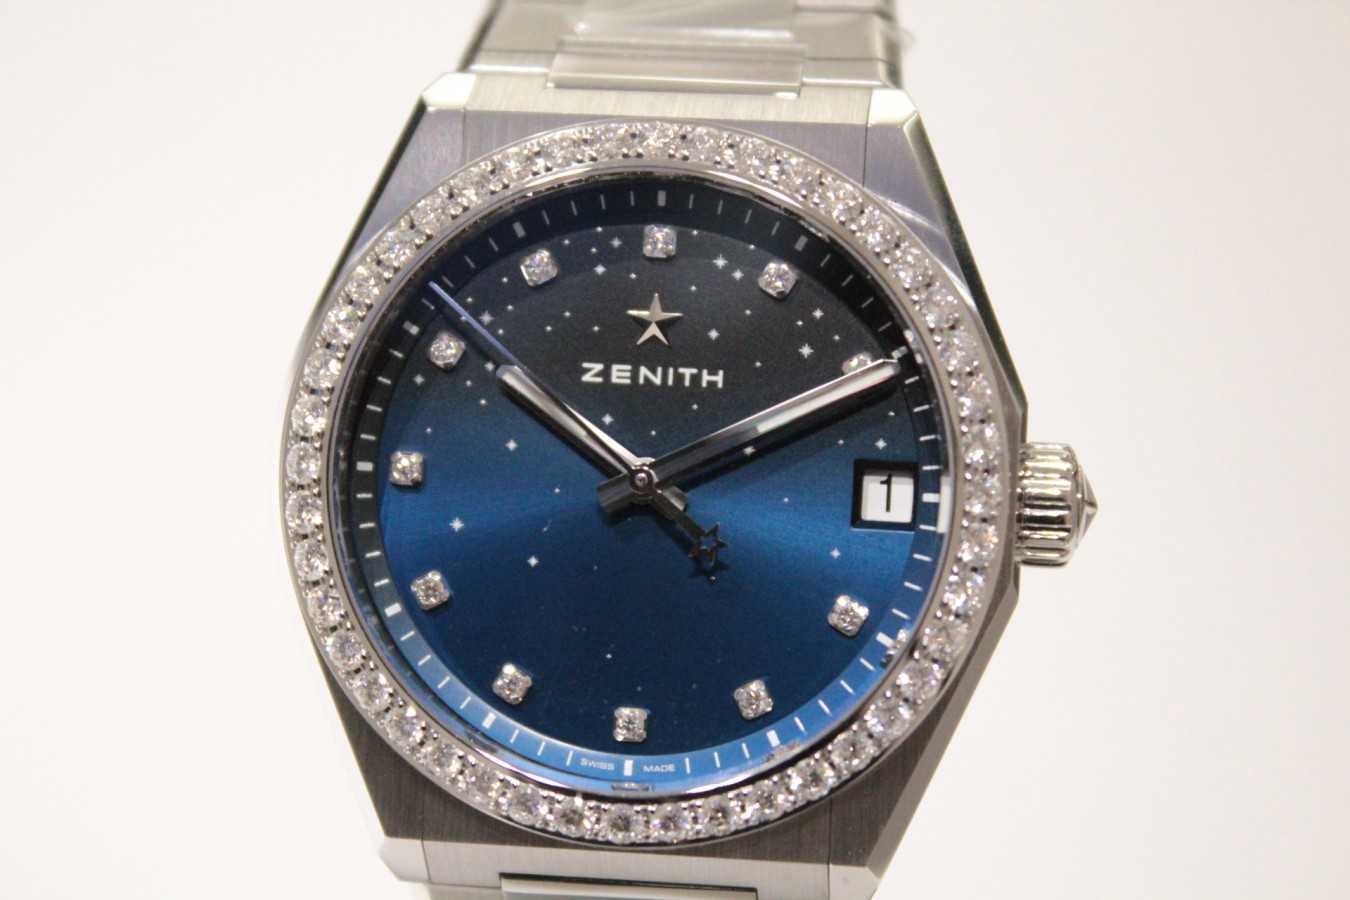 IMG_5143 新作「デファイ ミッドナイト」からダイヤモンドをあしらった綺麗なモデルが入荷しました! - DEFY